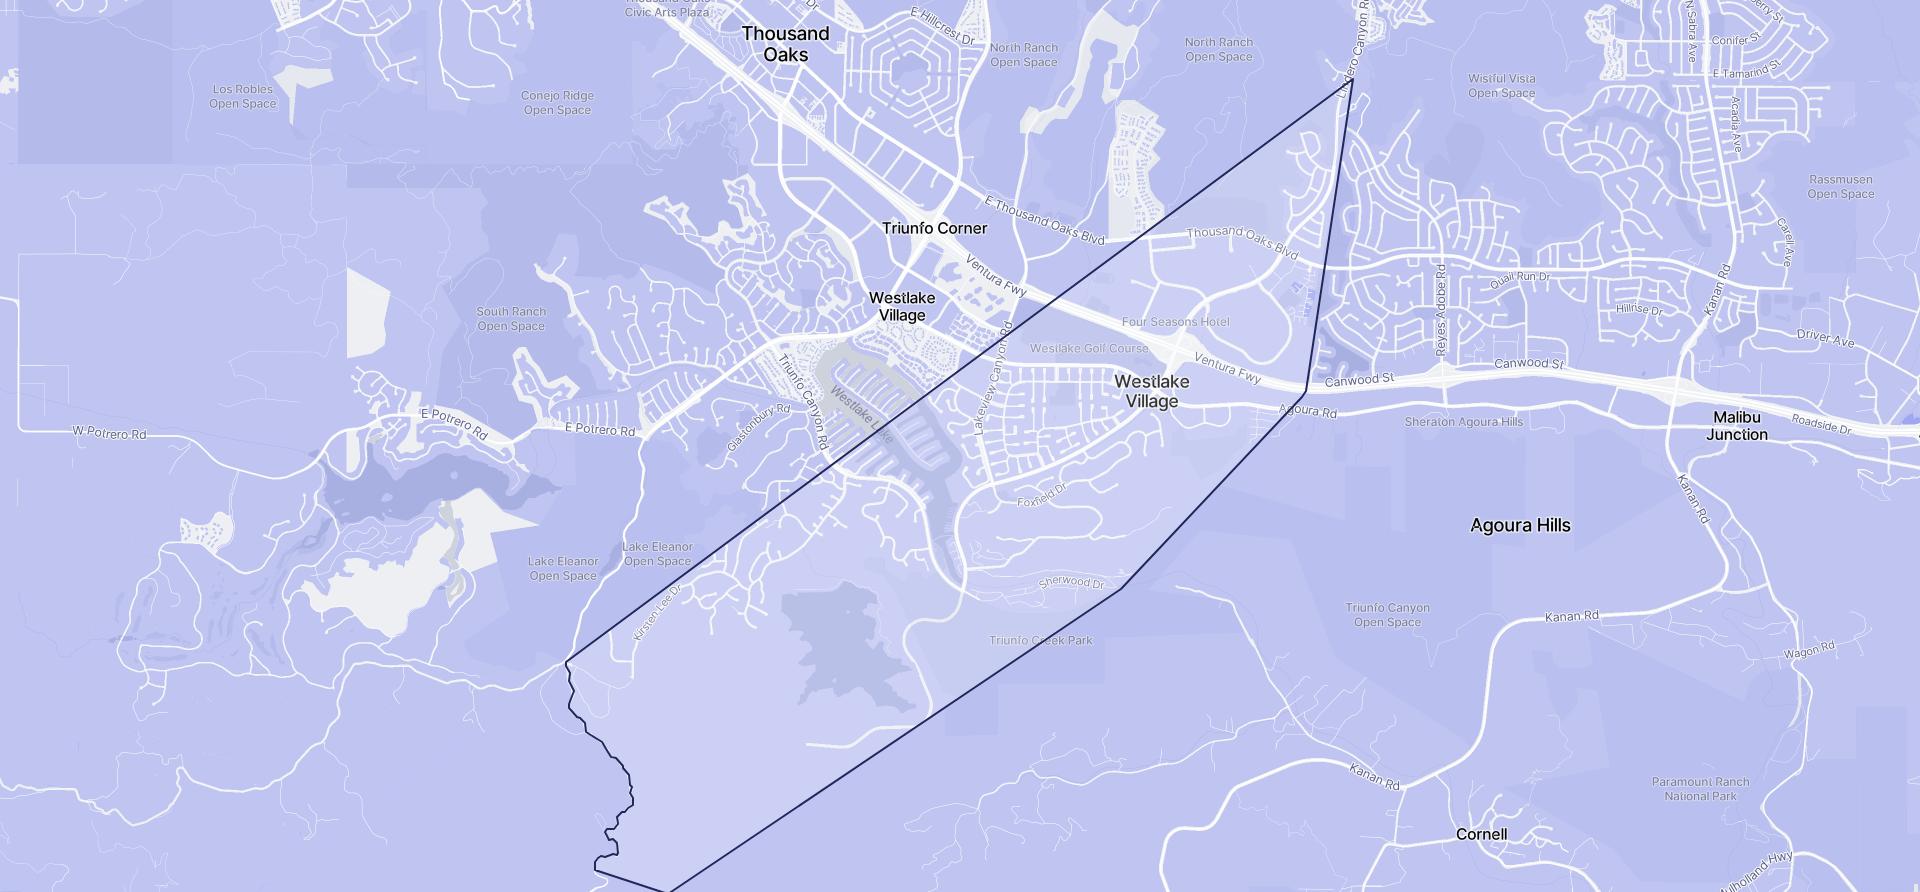 Image of Westlake Village boundaries on a map.